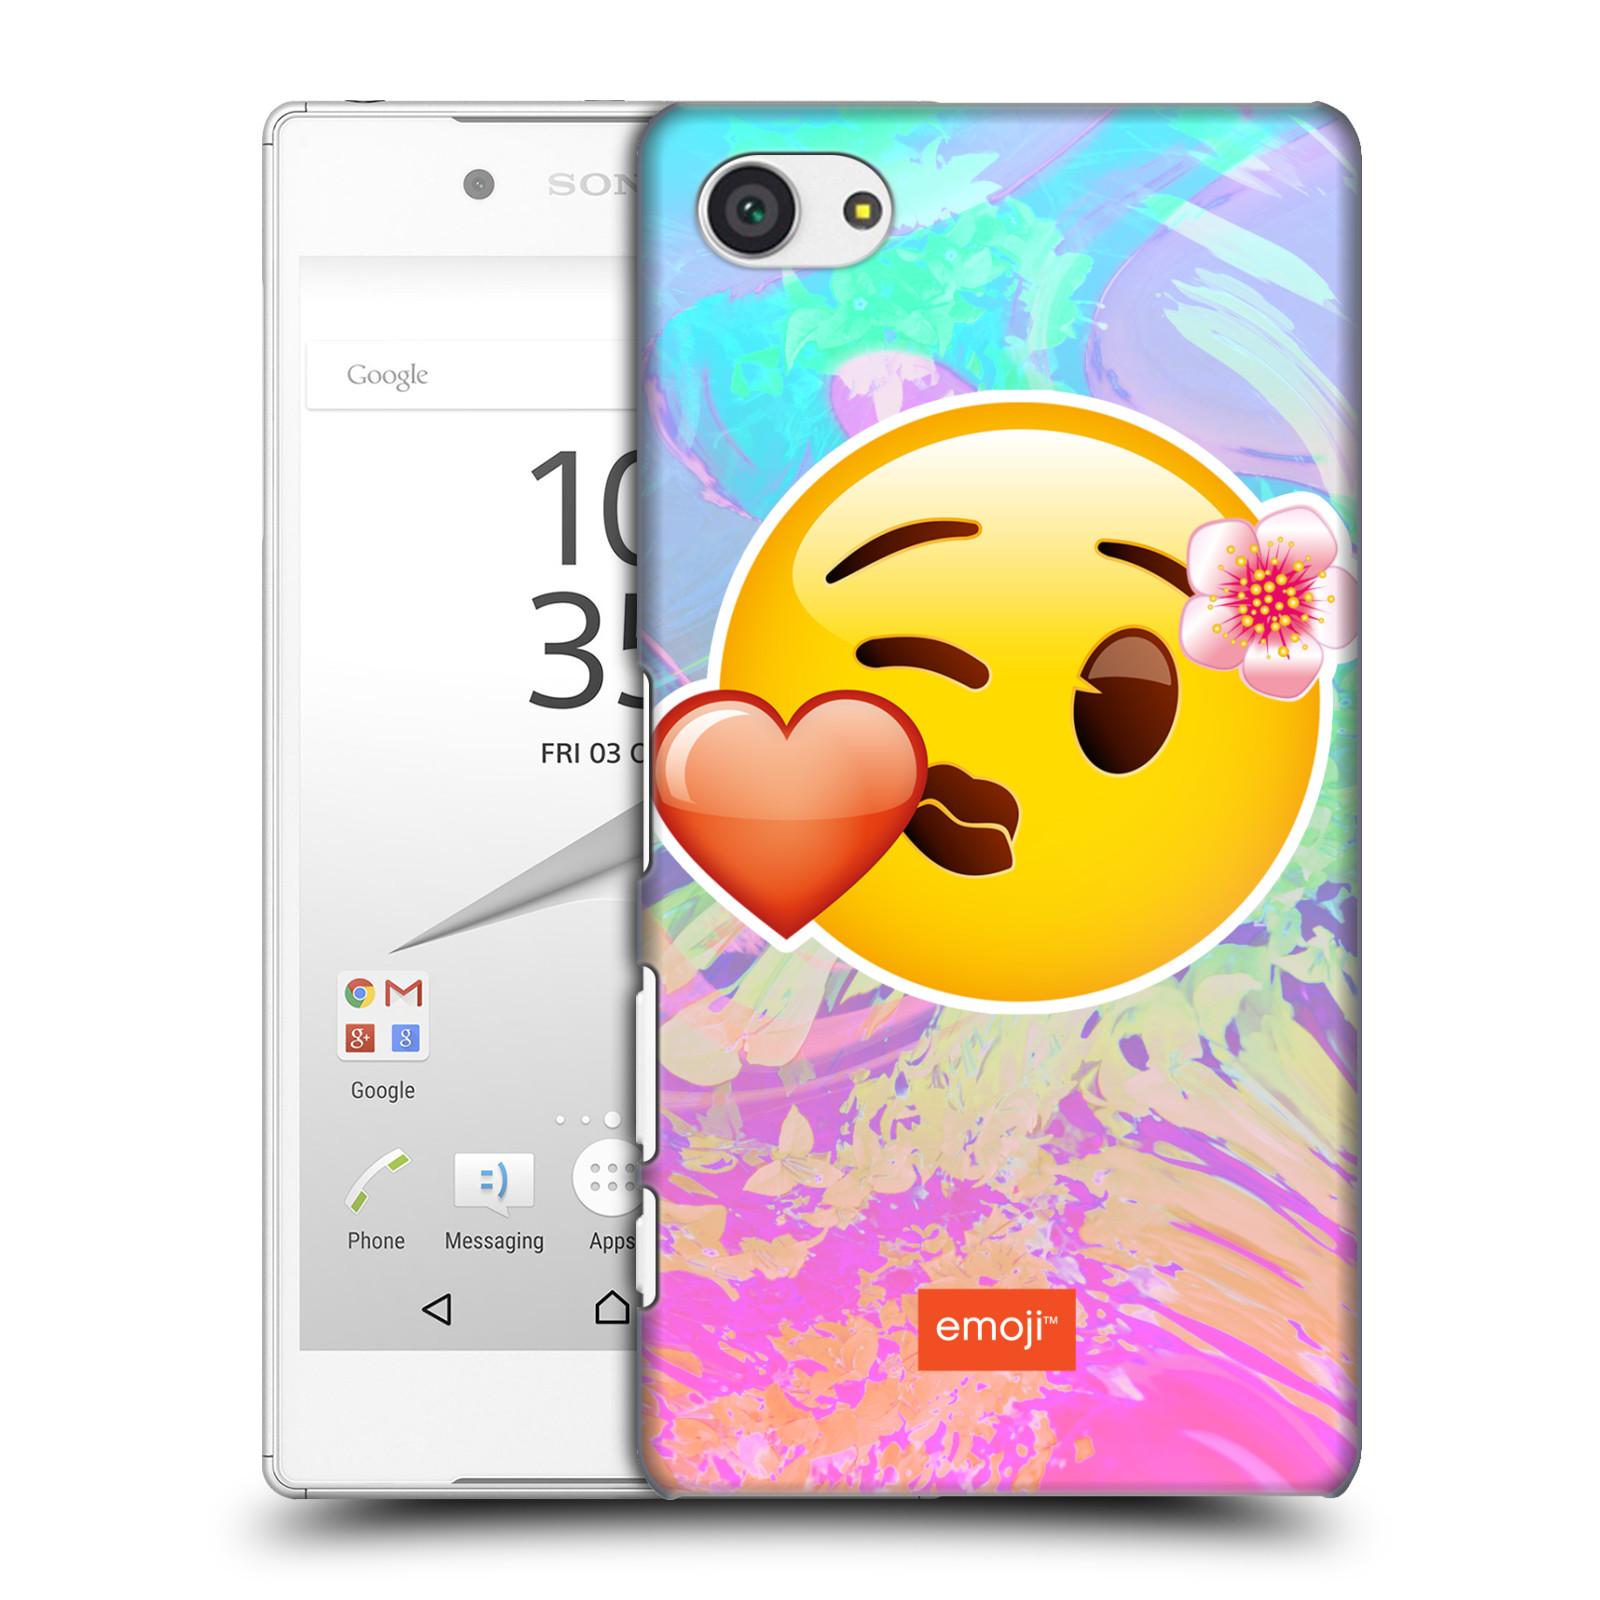 Pouzdro na mobil Sony Xperia Z5 COMPACT - HEAD CASE - Emoji smajlík pusinka